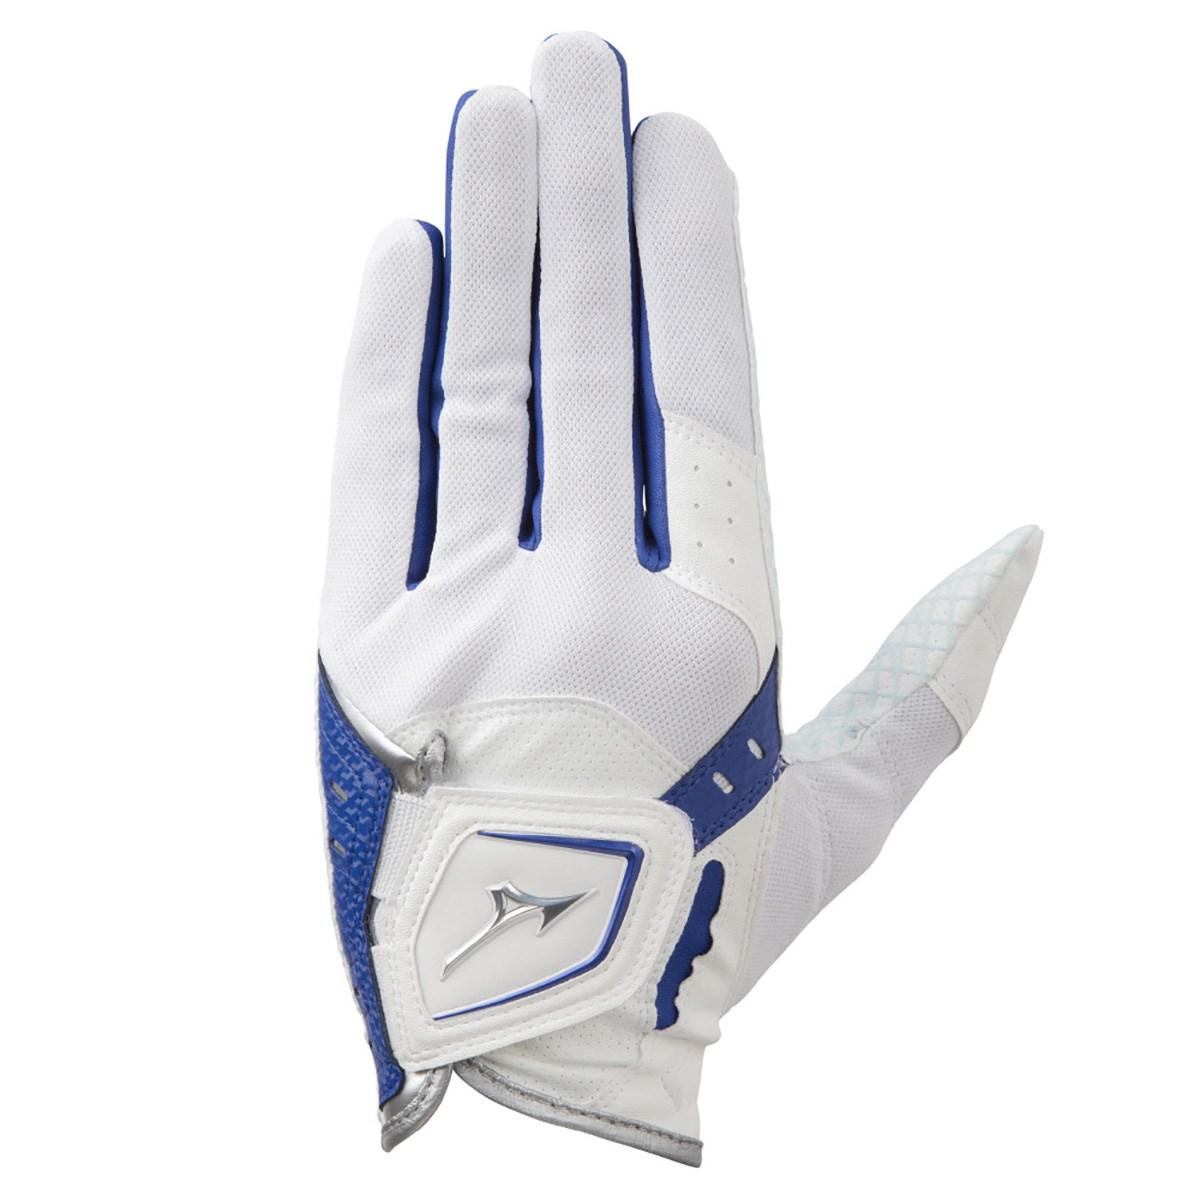 ミズノ MIZUNO クールグリップ グローブ 21cm 左手着用(右利き用) ホワイト/ブルー